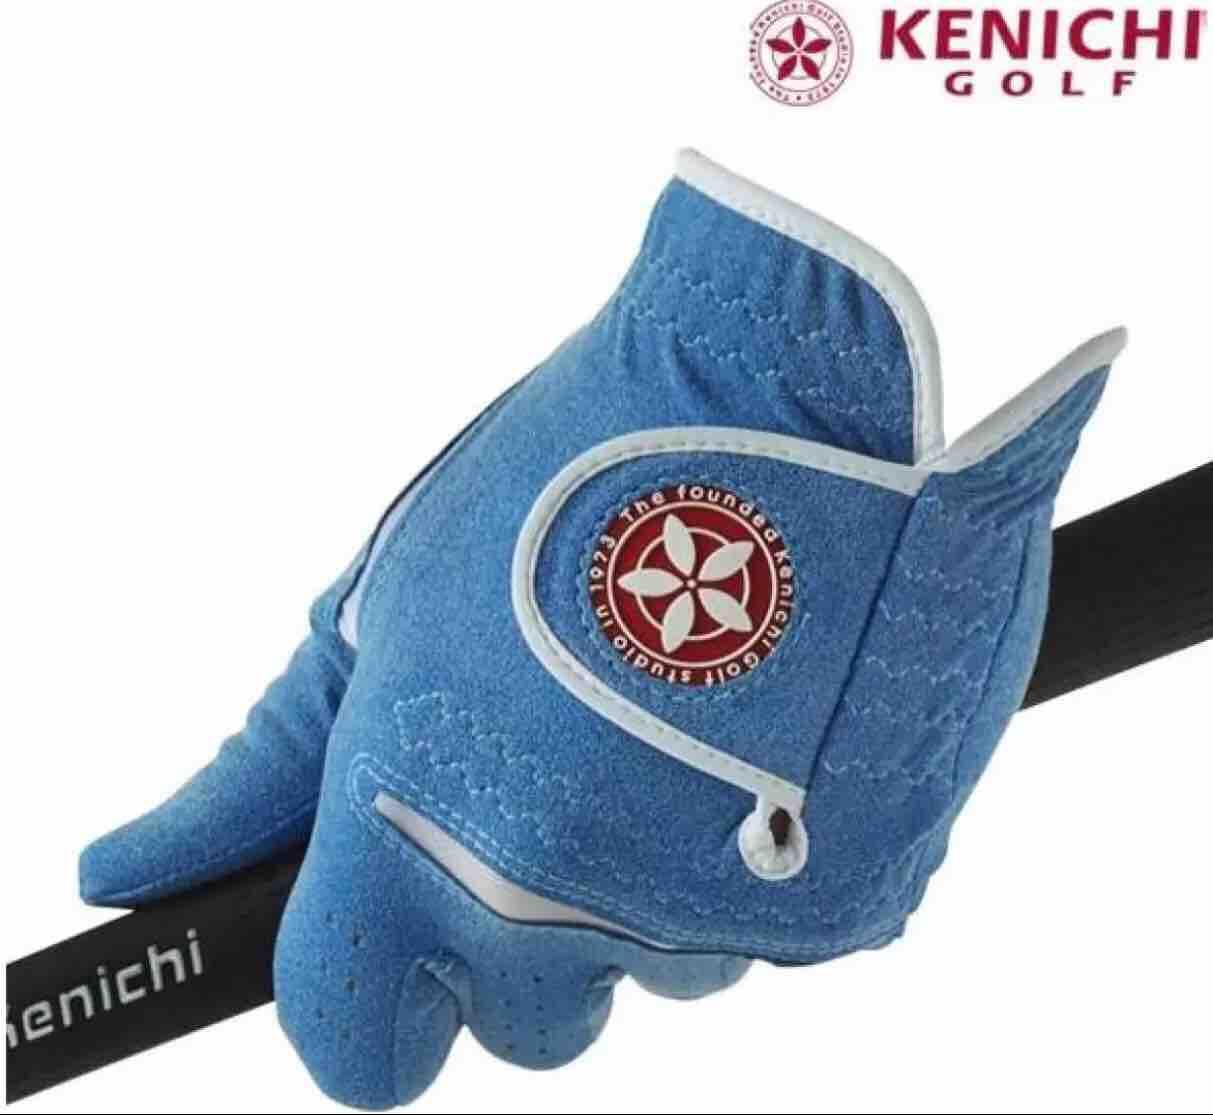 Găng tay golf KENICHI nhập khẩu hàn quốc chất vải có thể giặt